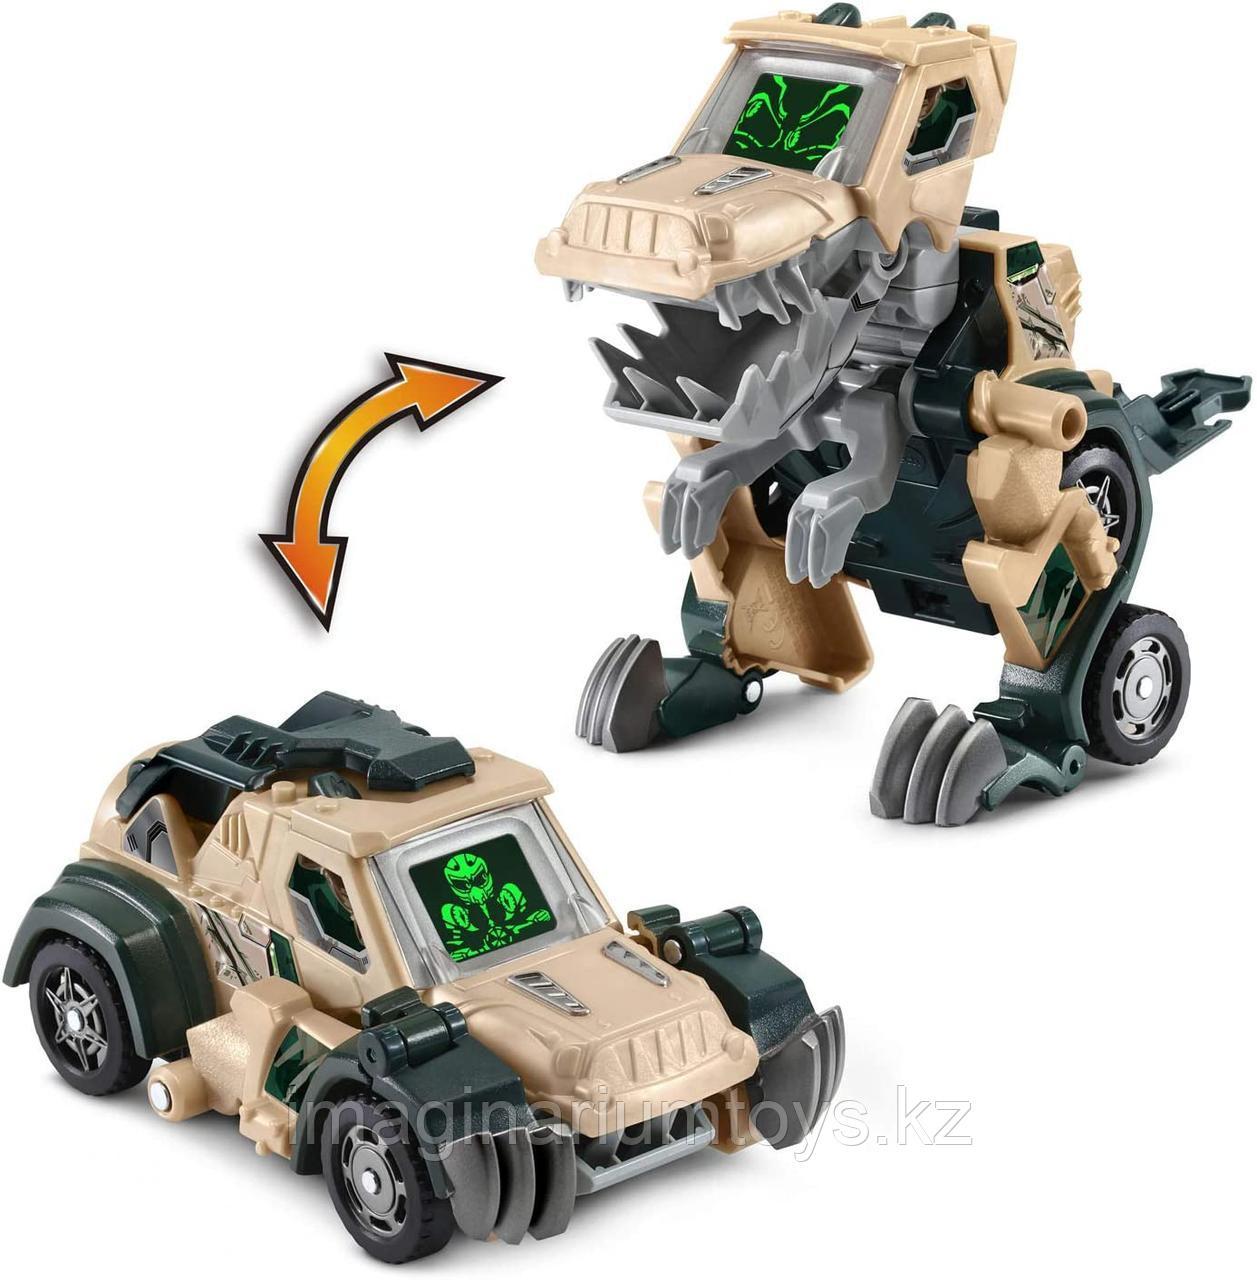 Машинка бульдозер трансформер динозавр Тирекс VTech Switch&Go Dinos